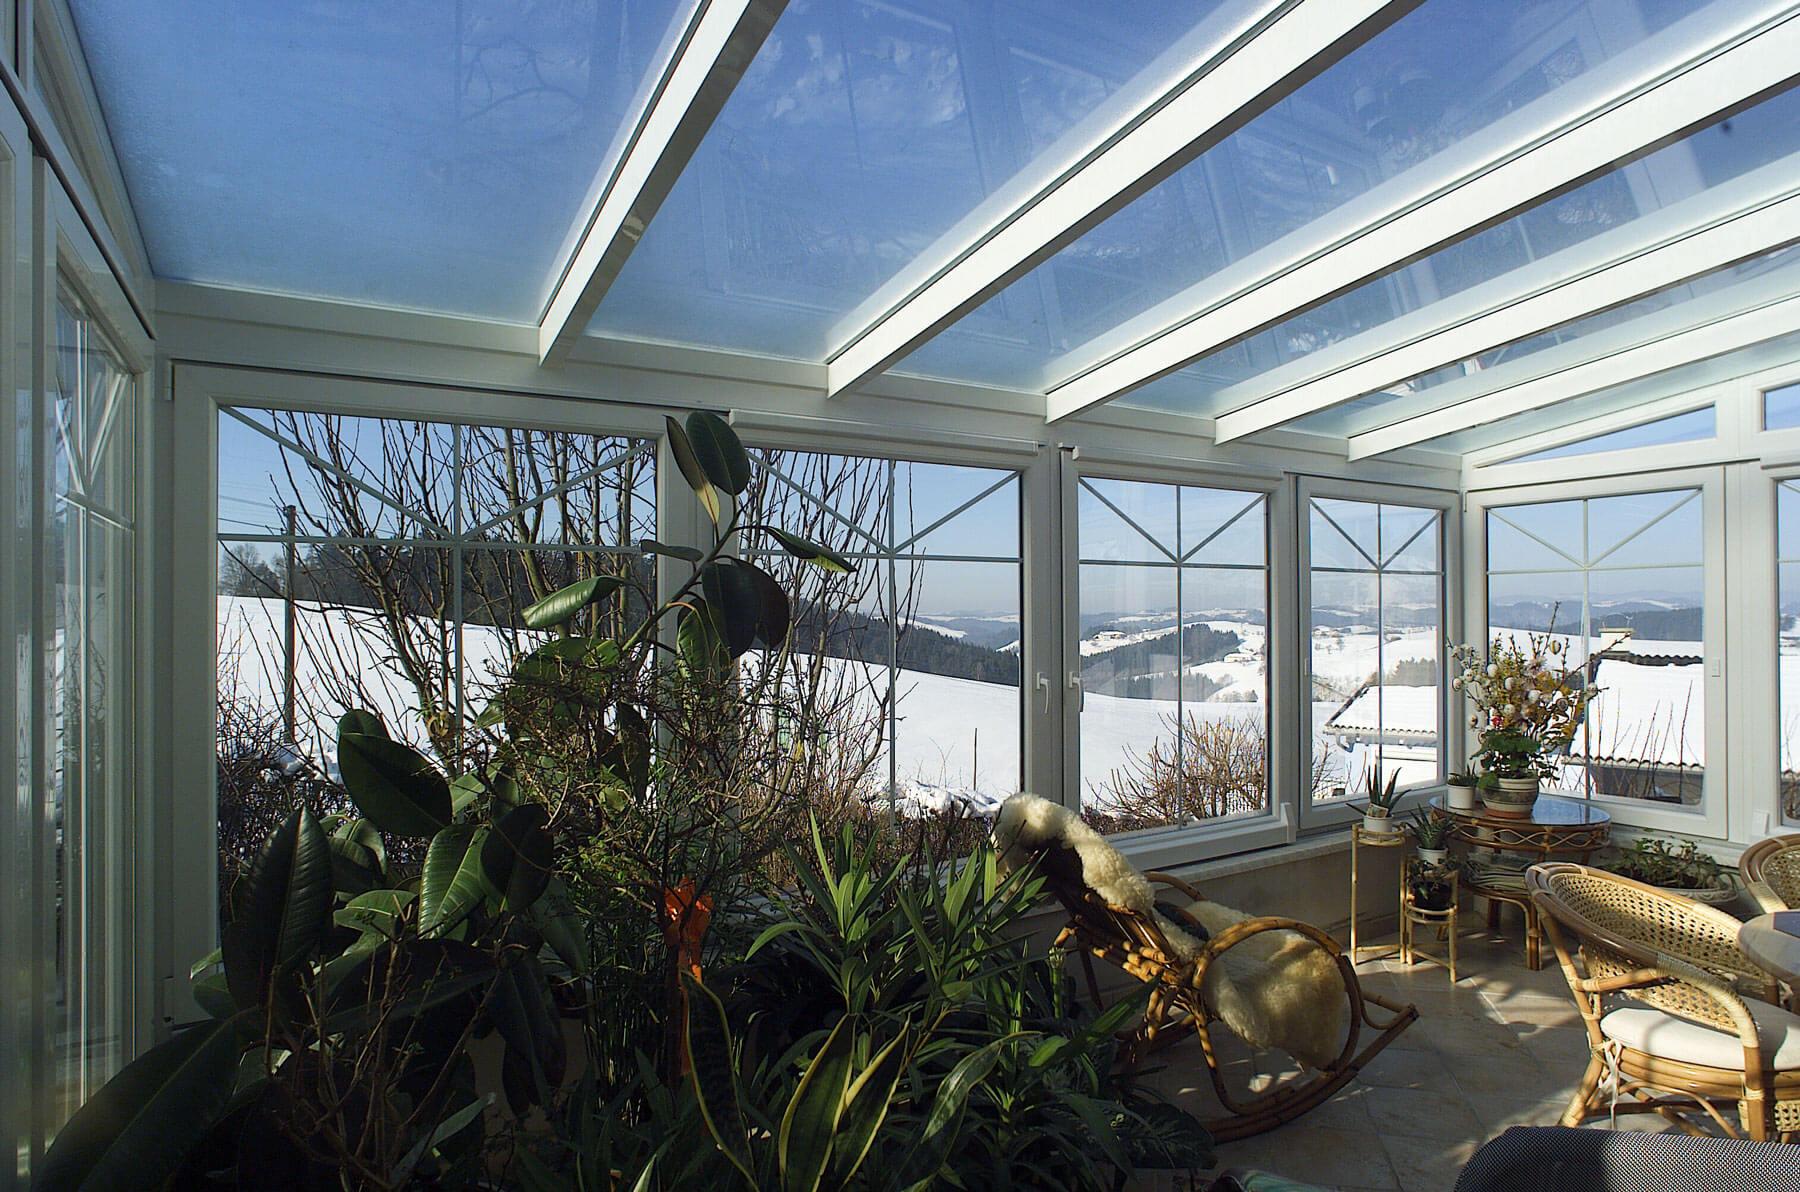 Wintergarten Auf Dachterrasse wintergarten auf dachterrasse in grau mit viel glas